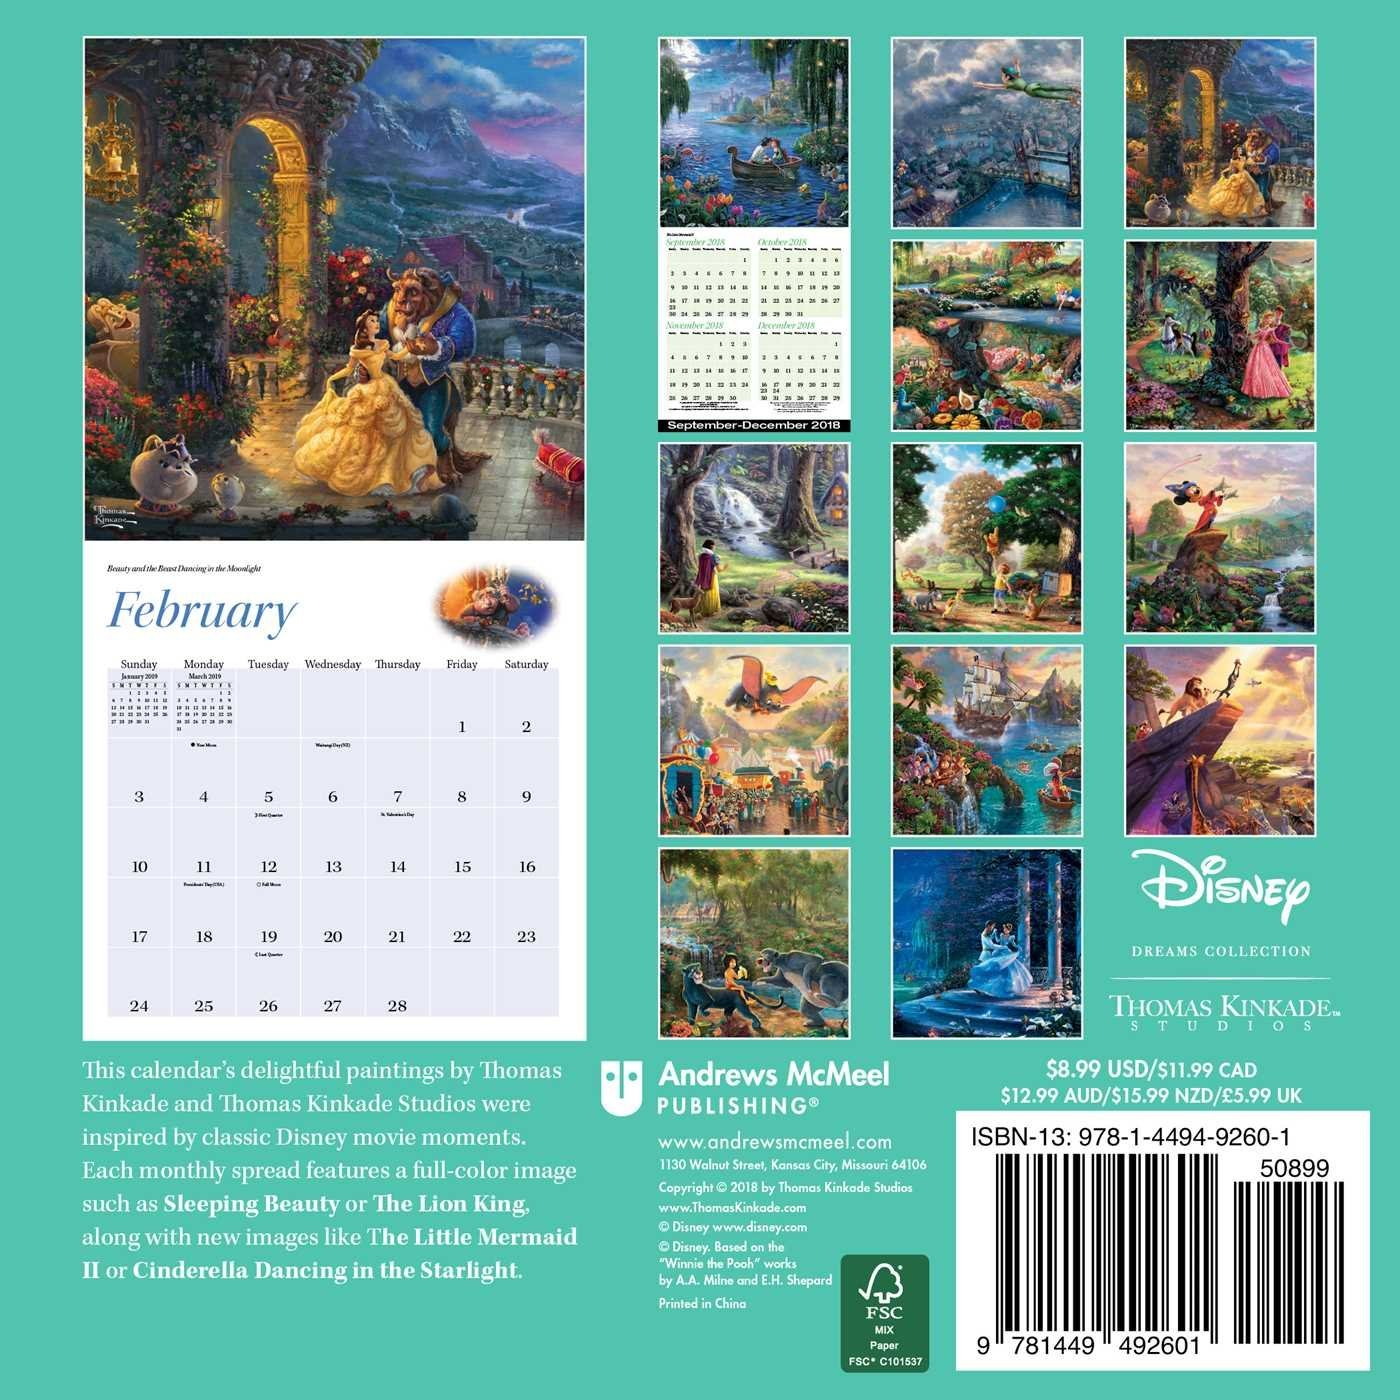 Disney Dreams Collection 2019 Mini Wall Calendar – Disneyland.shopping Calendar 2019 Disney